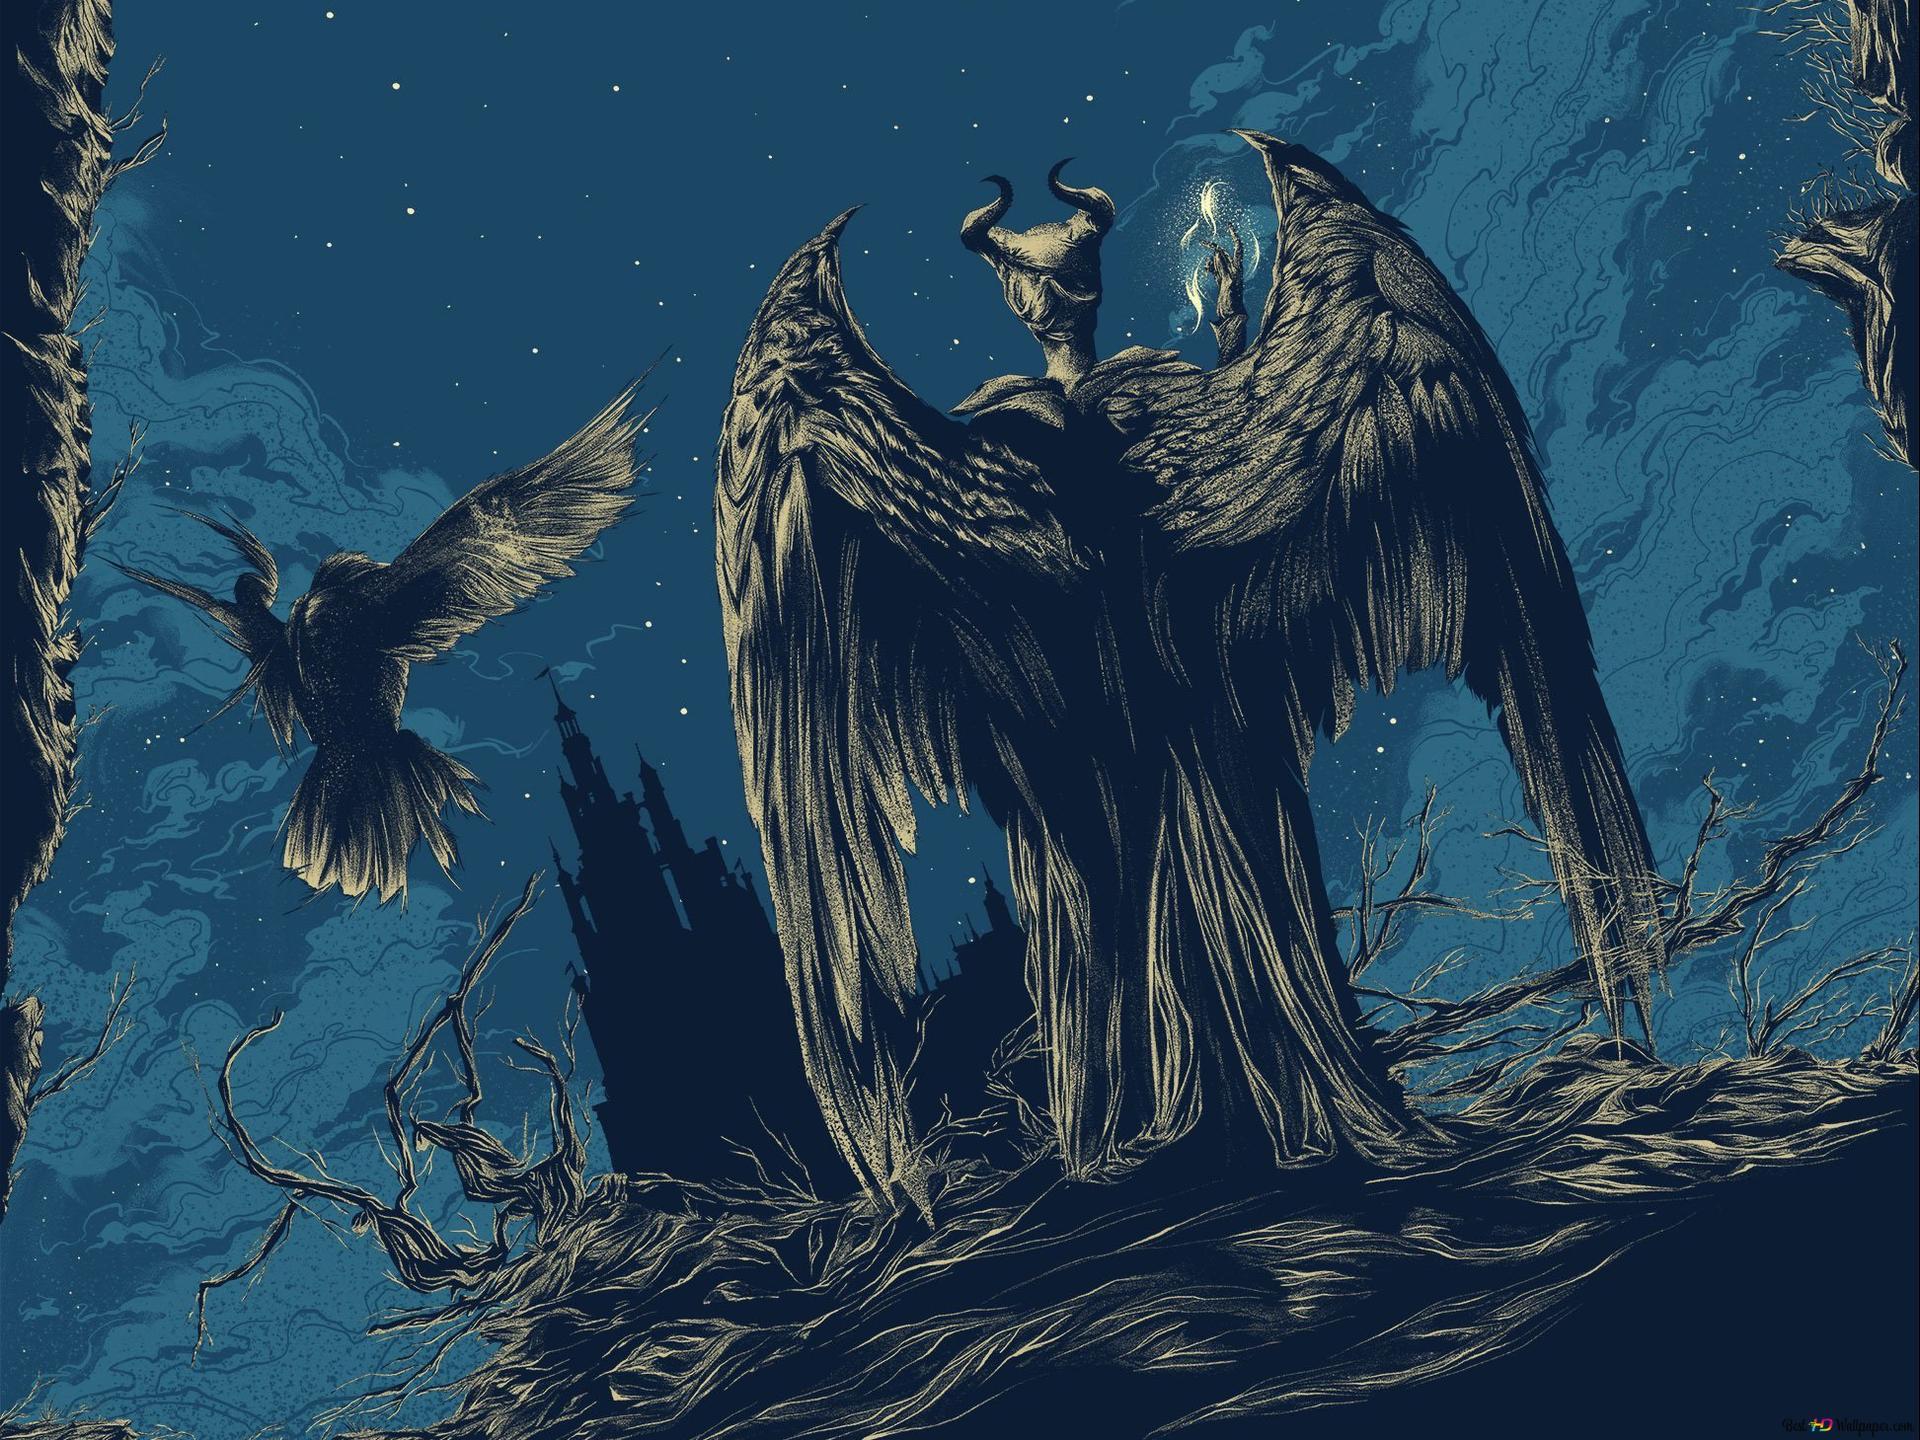 Maleficent Mistress Of Evil 2019 Hd Wallpaper Download